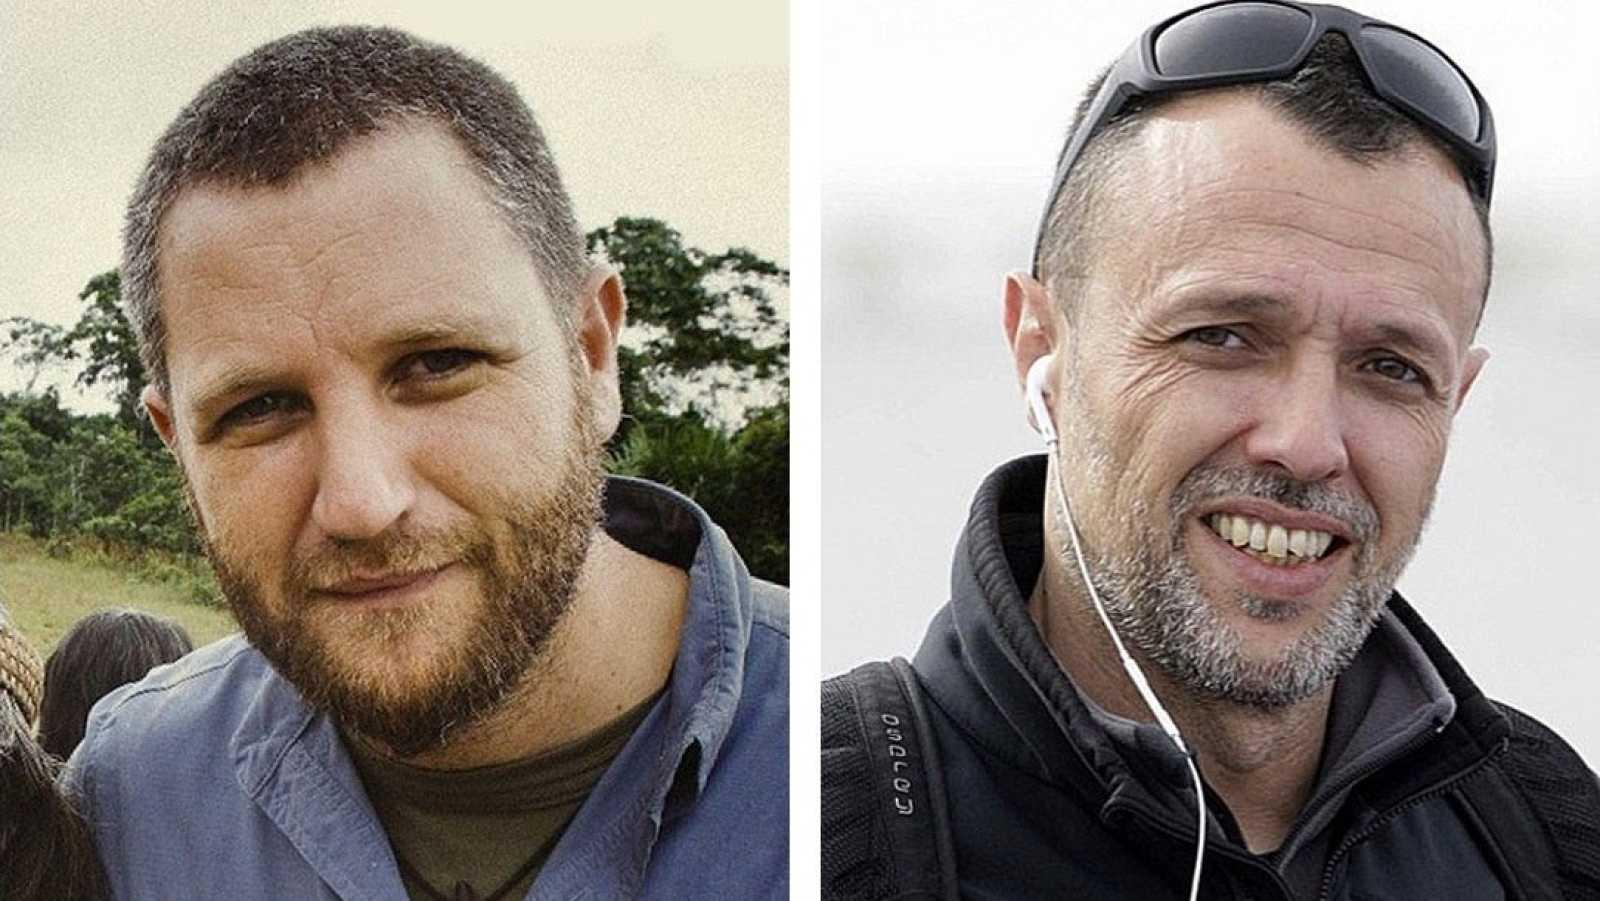 Beriain y Fraile, dos periodistas comprometidos con contar las realidades más difíciles y olvidadas